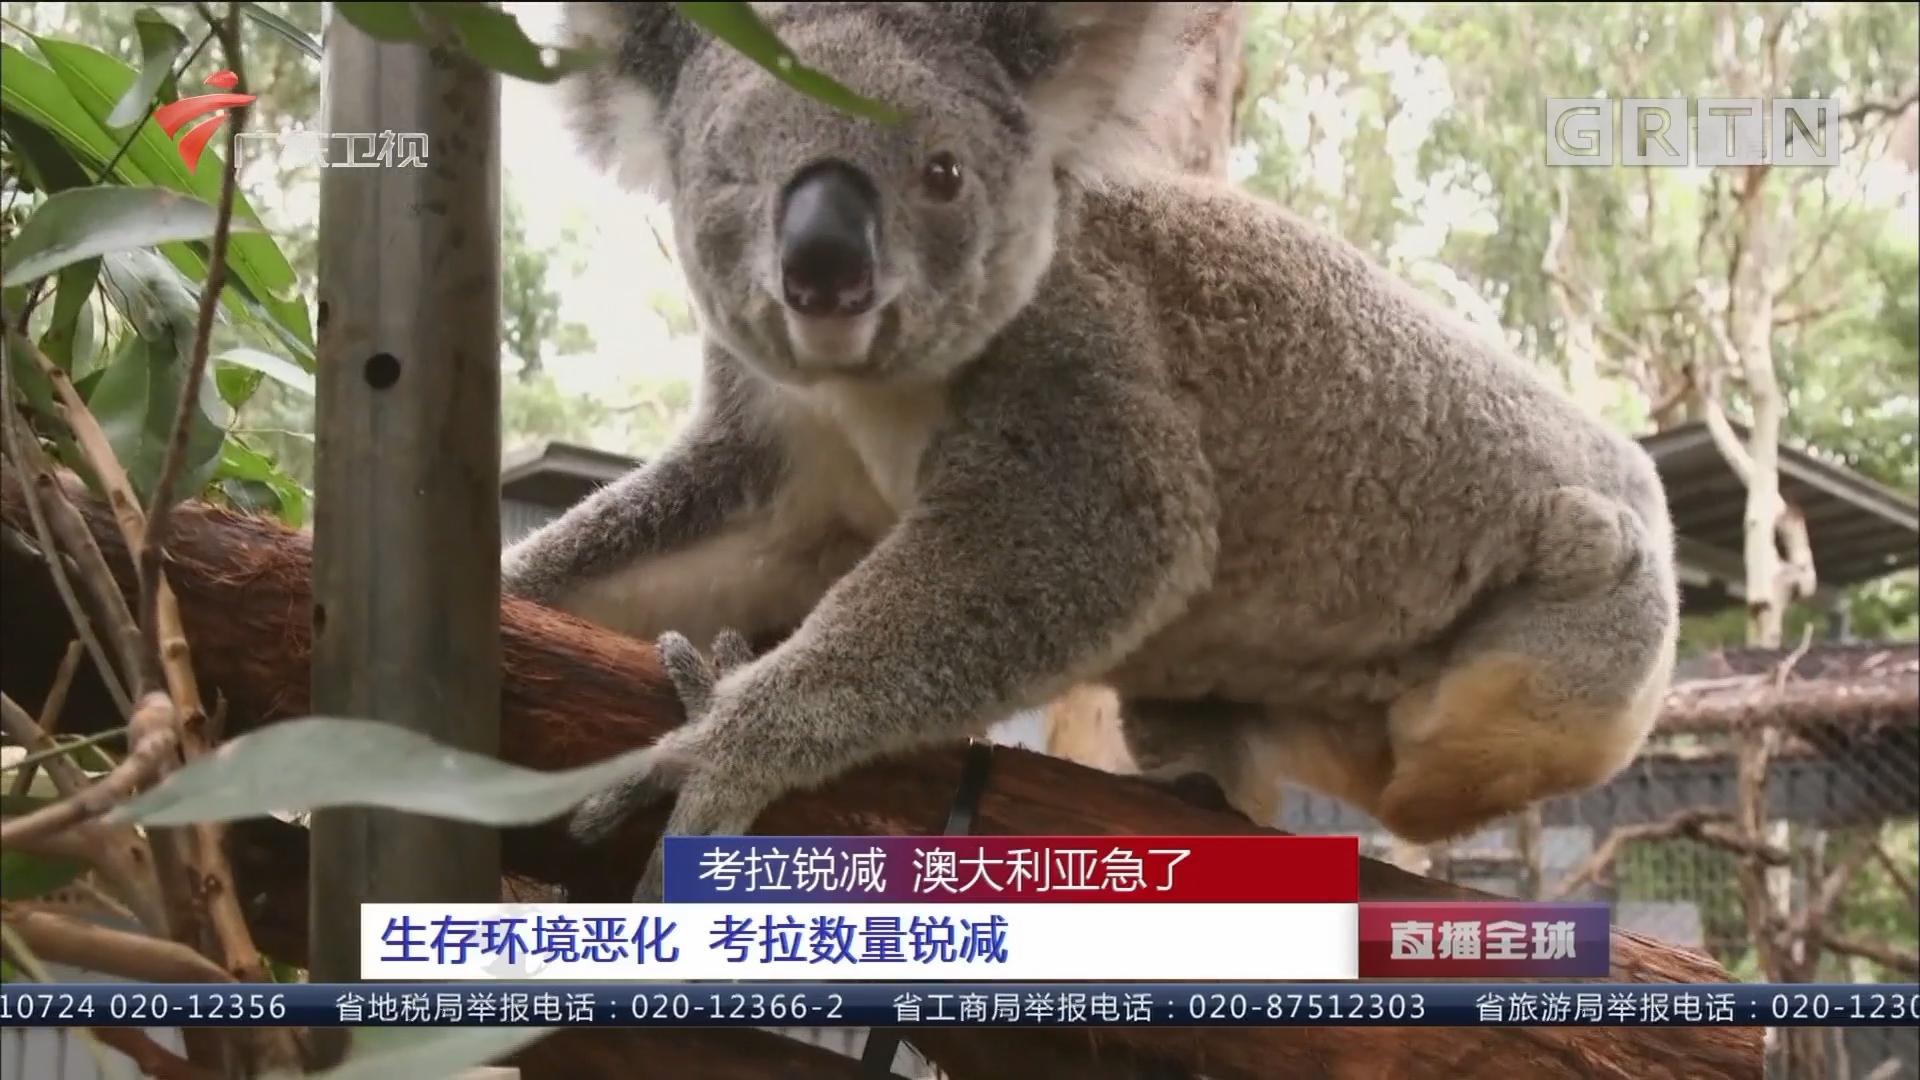 考拉锐减 澳大利亚急了:生存环境恶化 考拉数量锐减